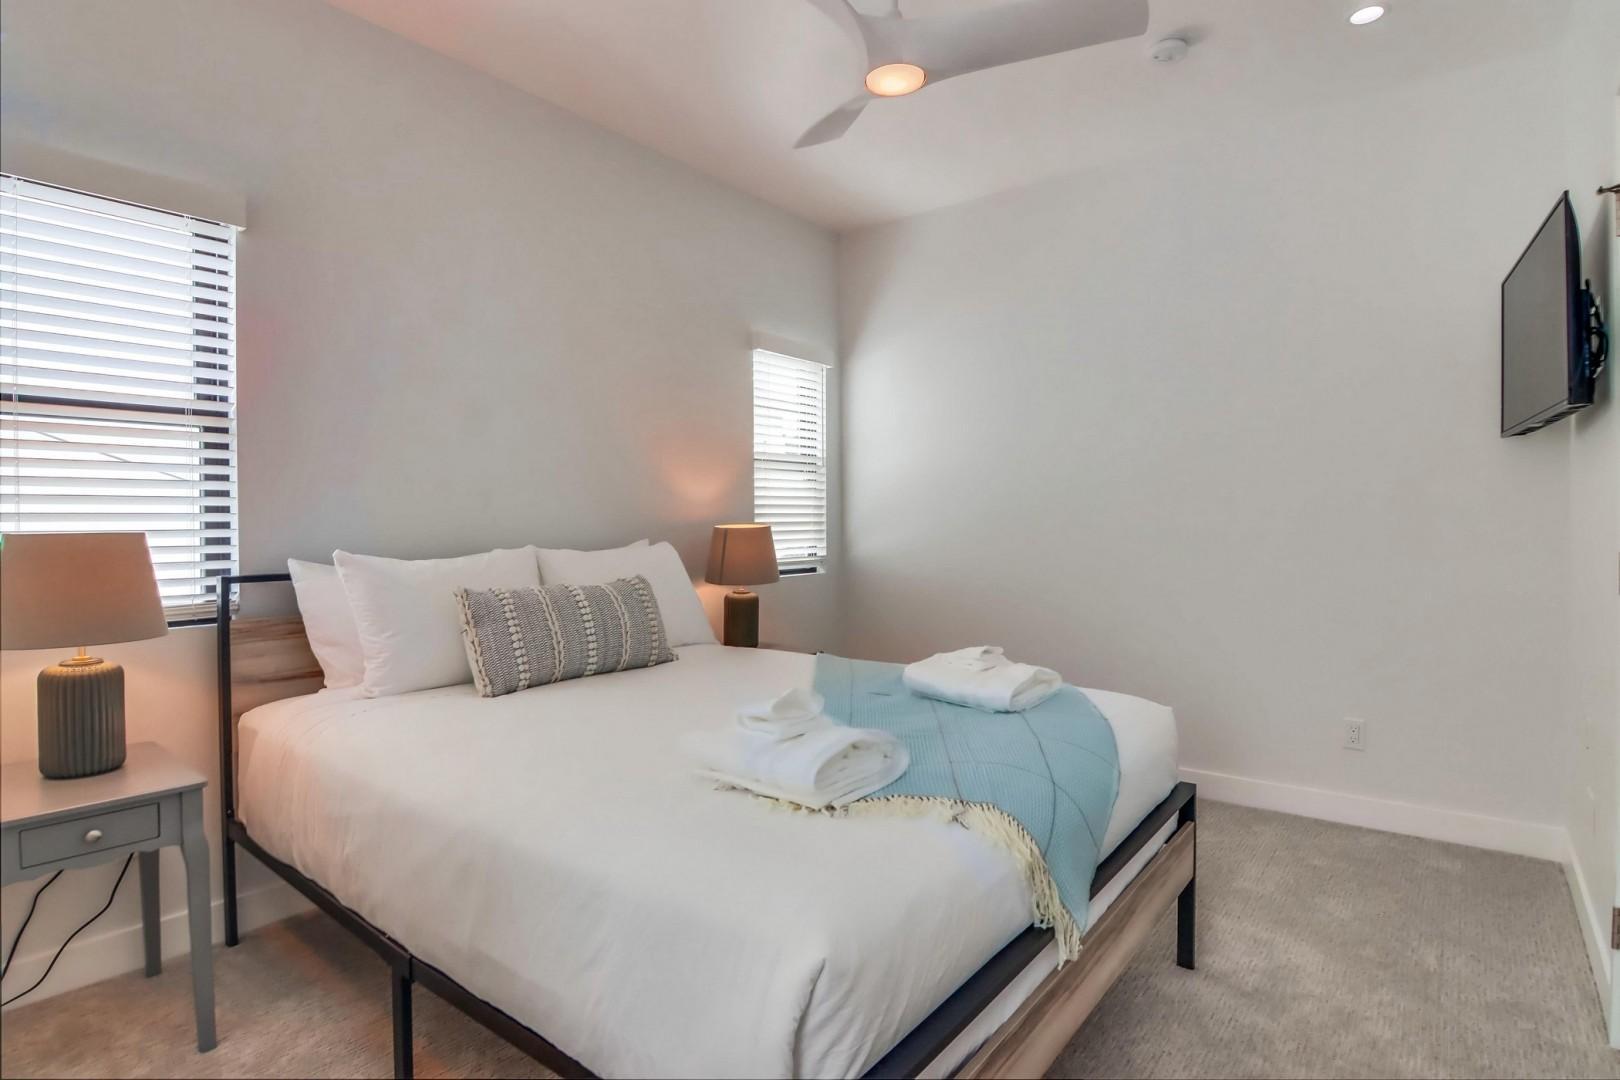 Bedroom Suite 3 with queen bed